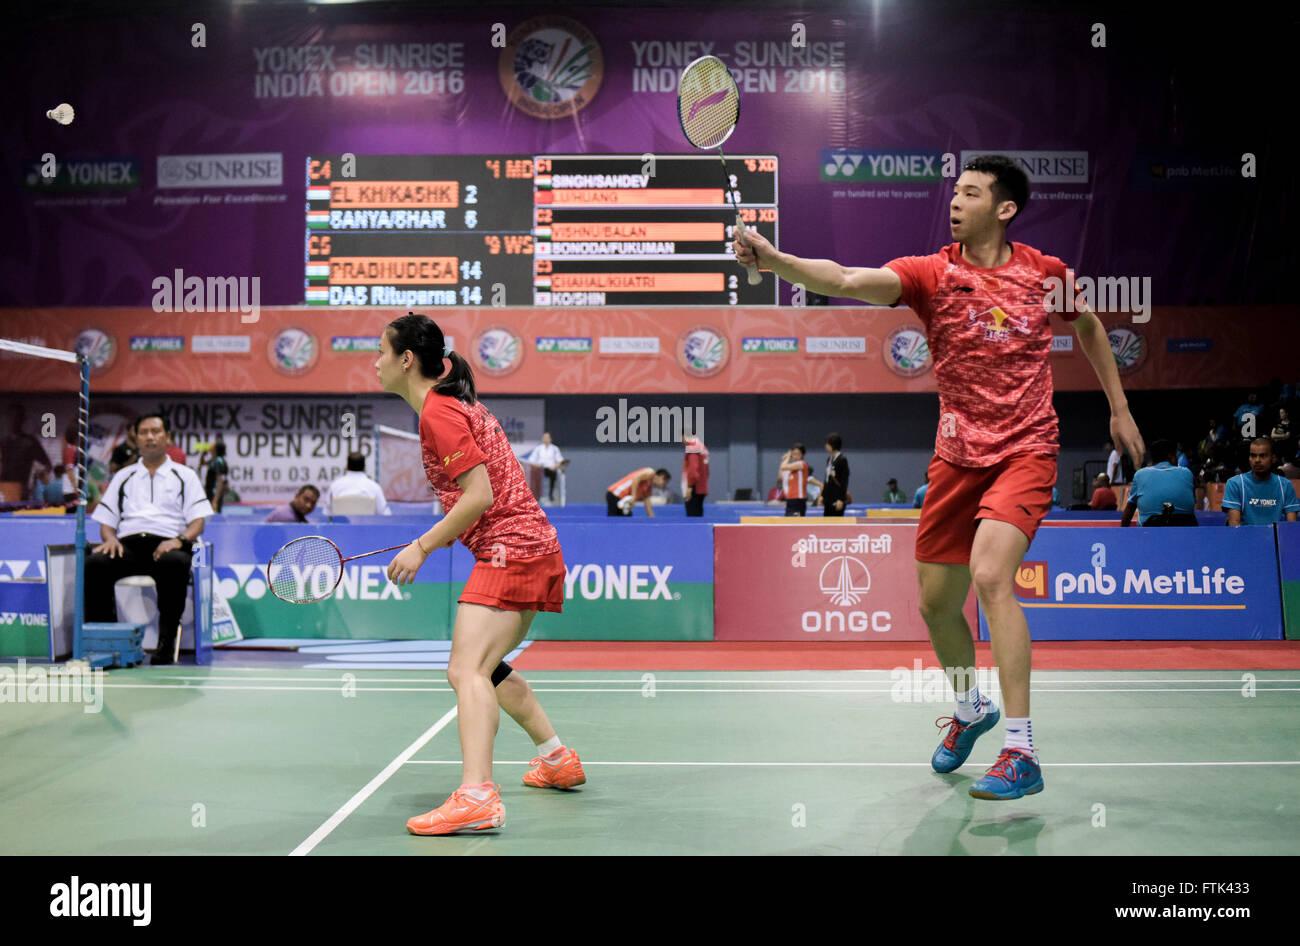 New Delhi 30th Mar 2016 Lu Kai R and Huang Yaqiong of China